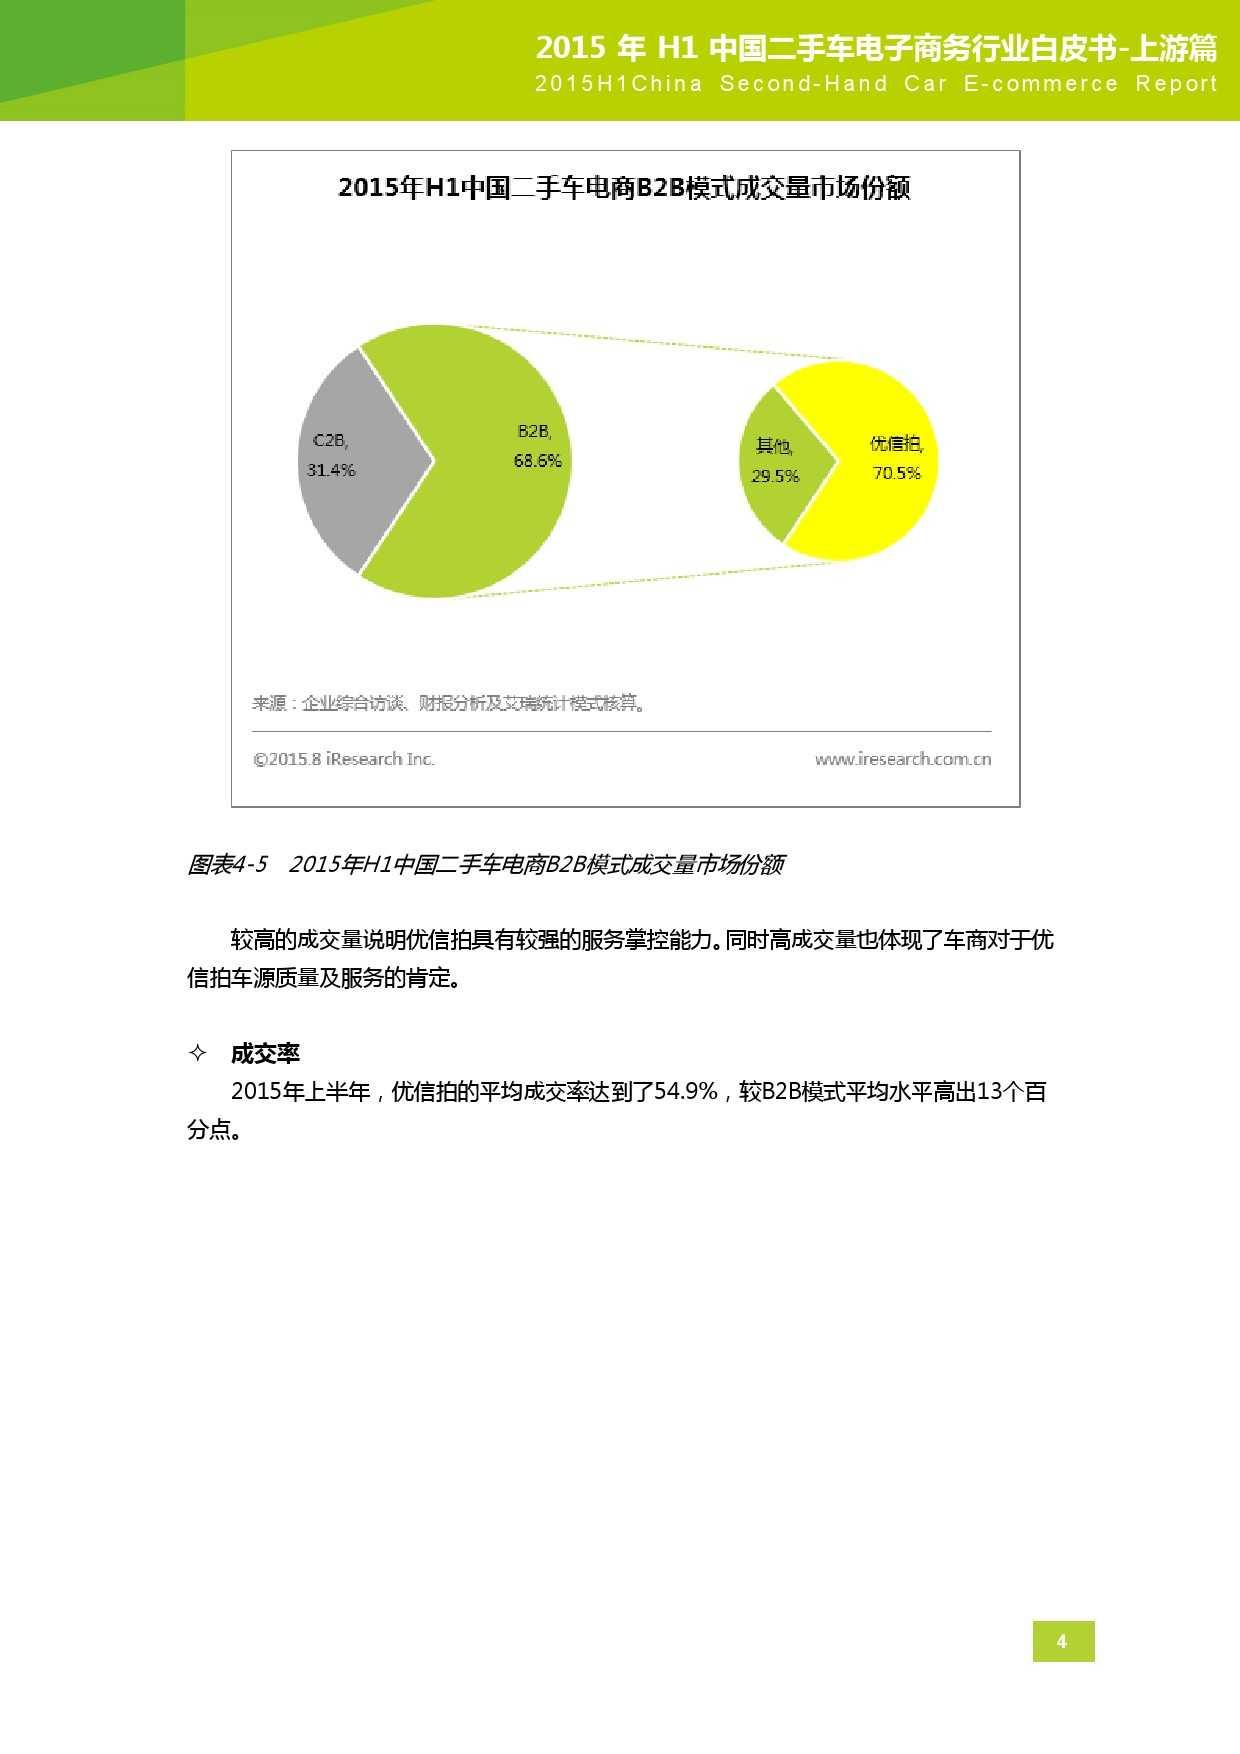 2015年中国二手车电子商务行业白皮书-上游篇_000042